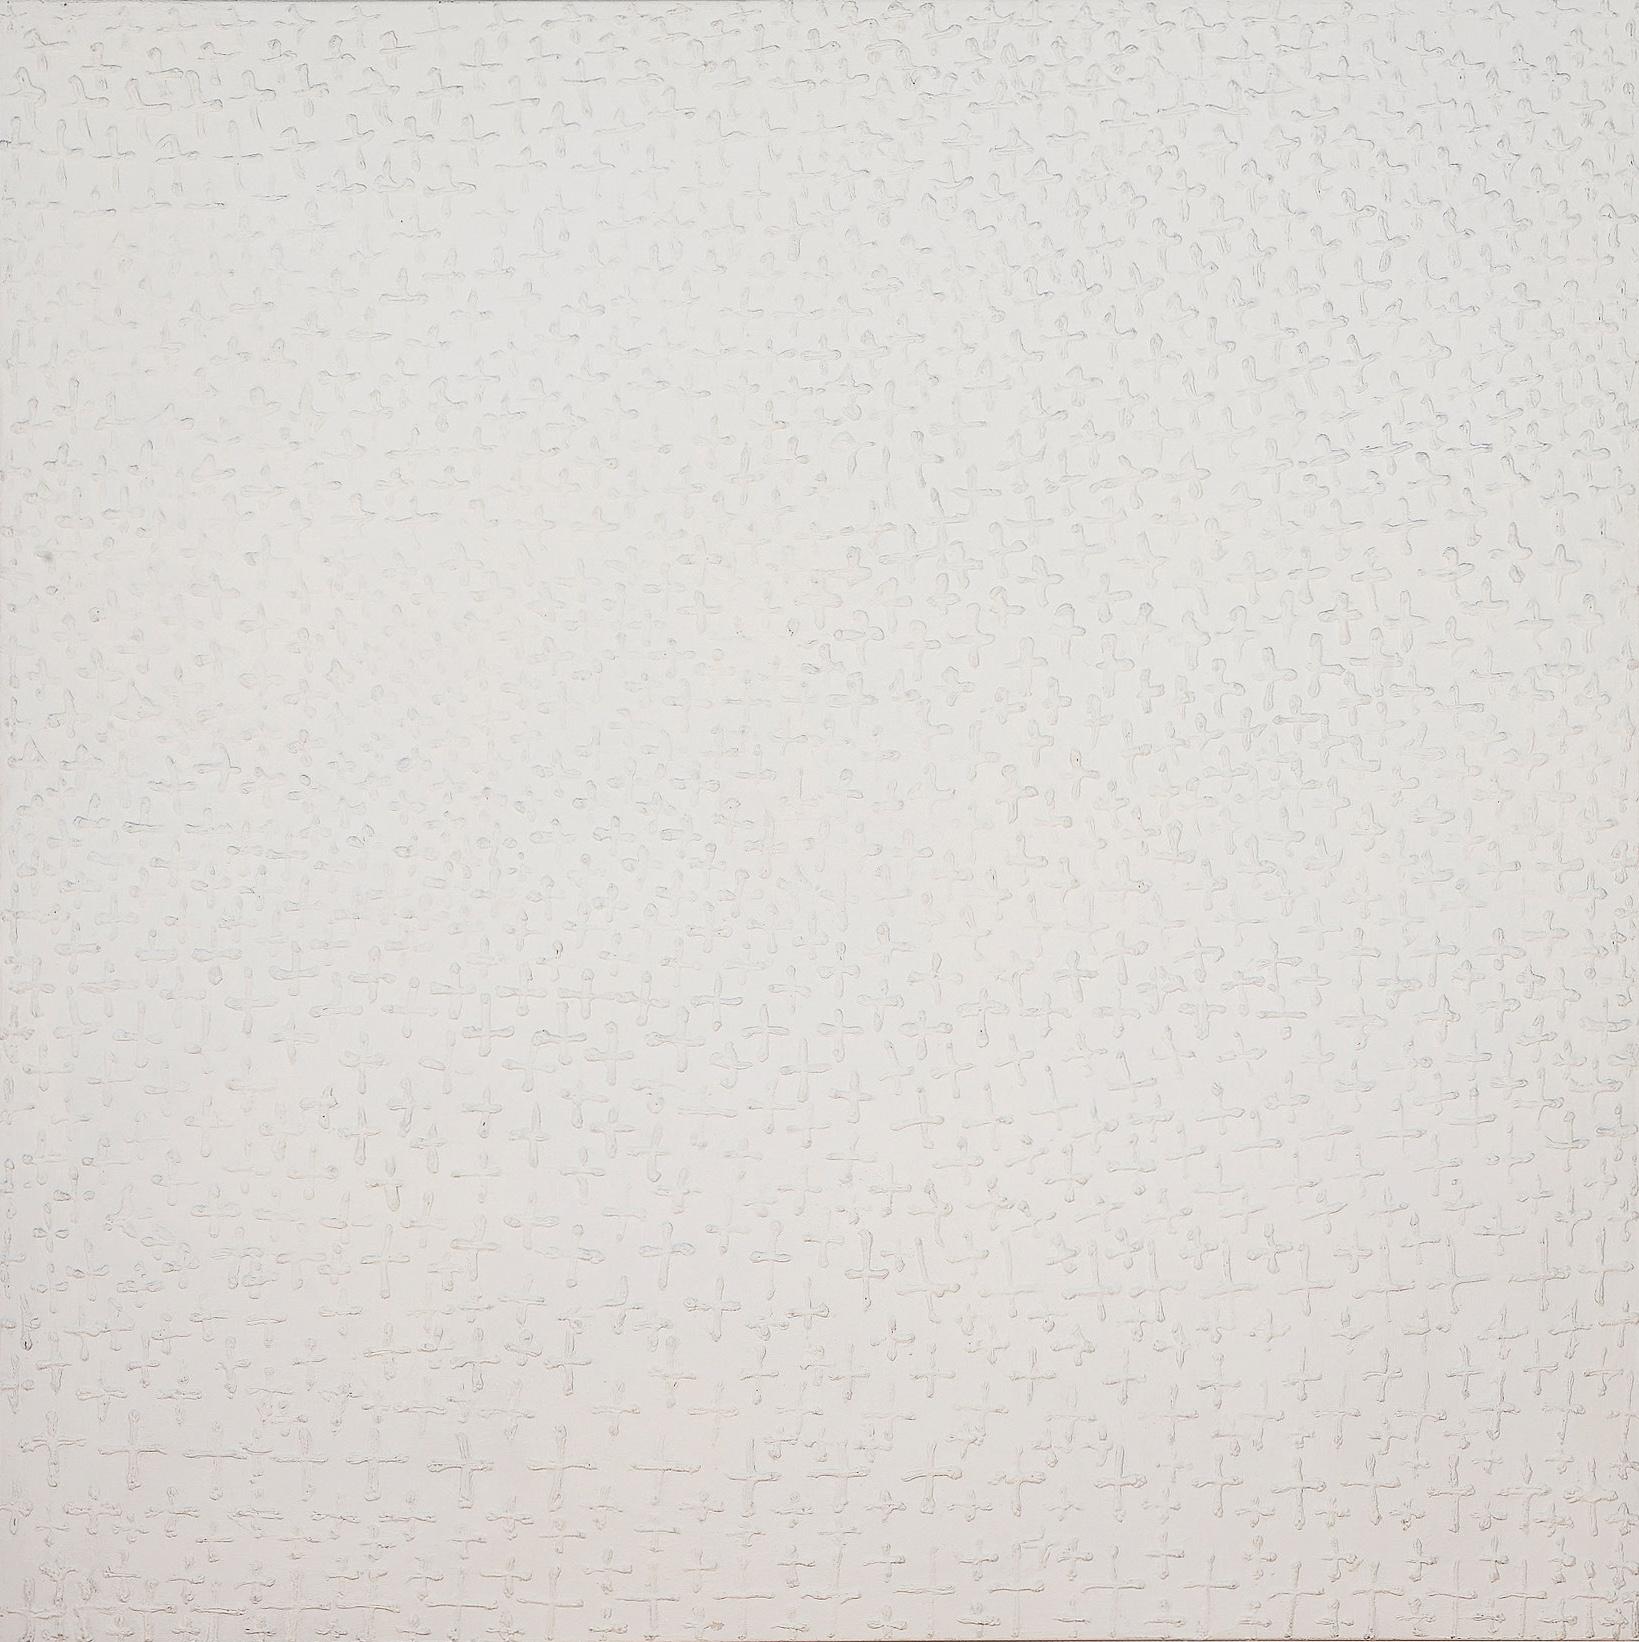 O. T., 2009, Mischtechnik auf Leinwand, 180 x 180 cm